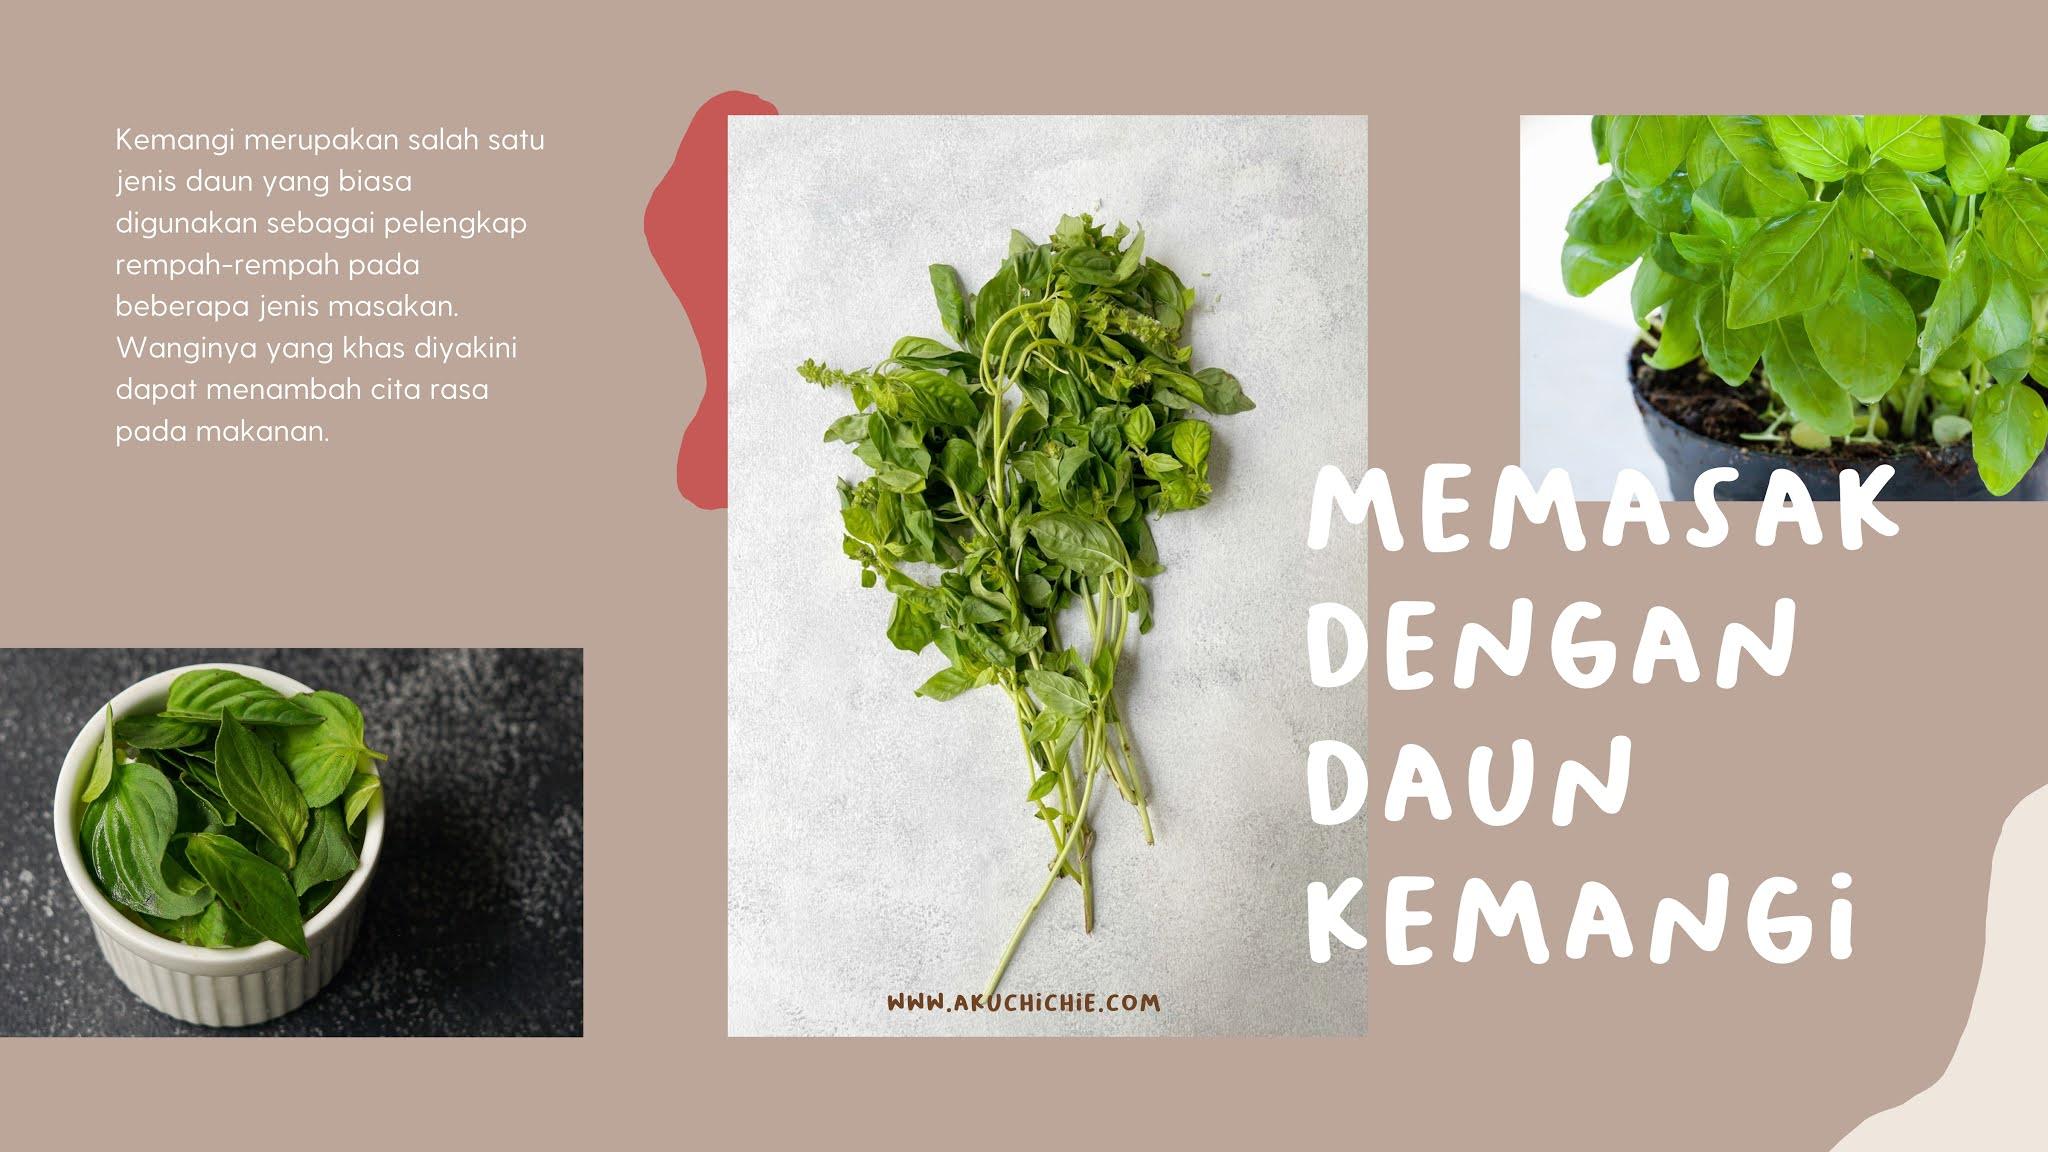 daun kemangi untuk masak